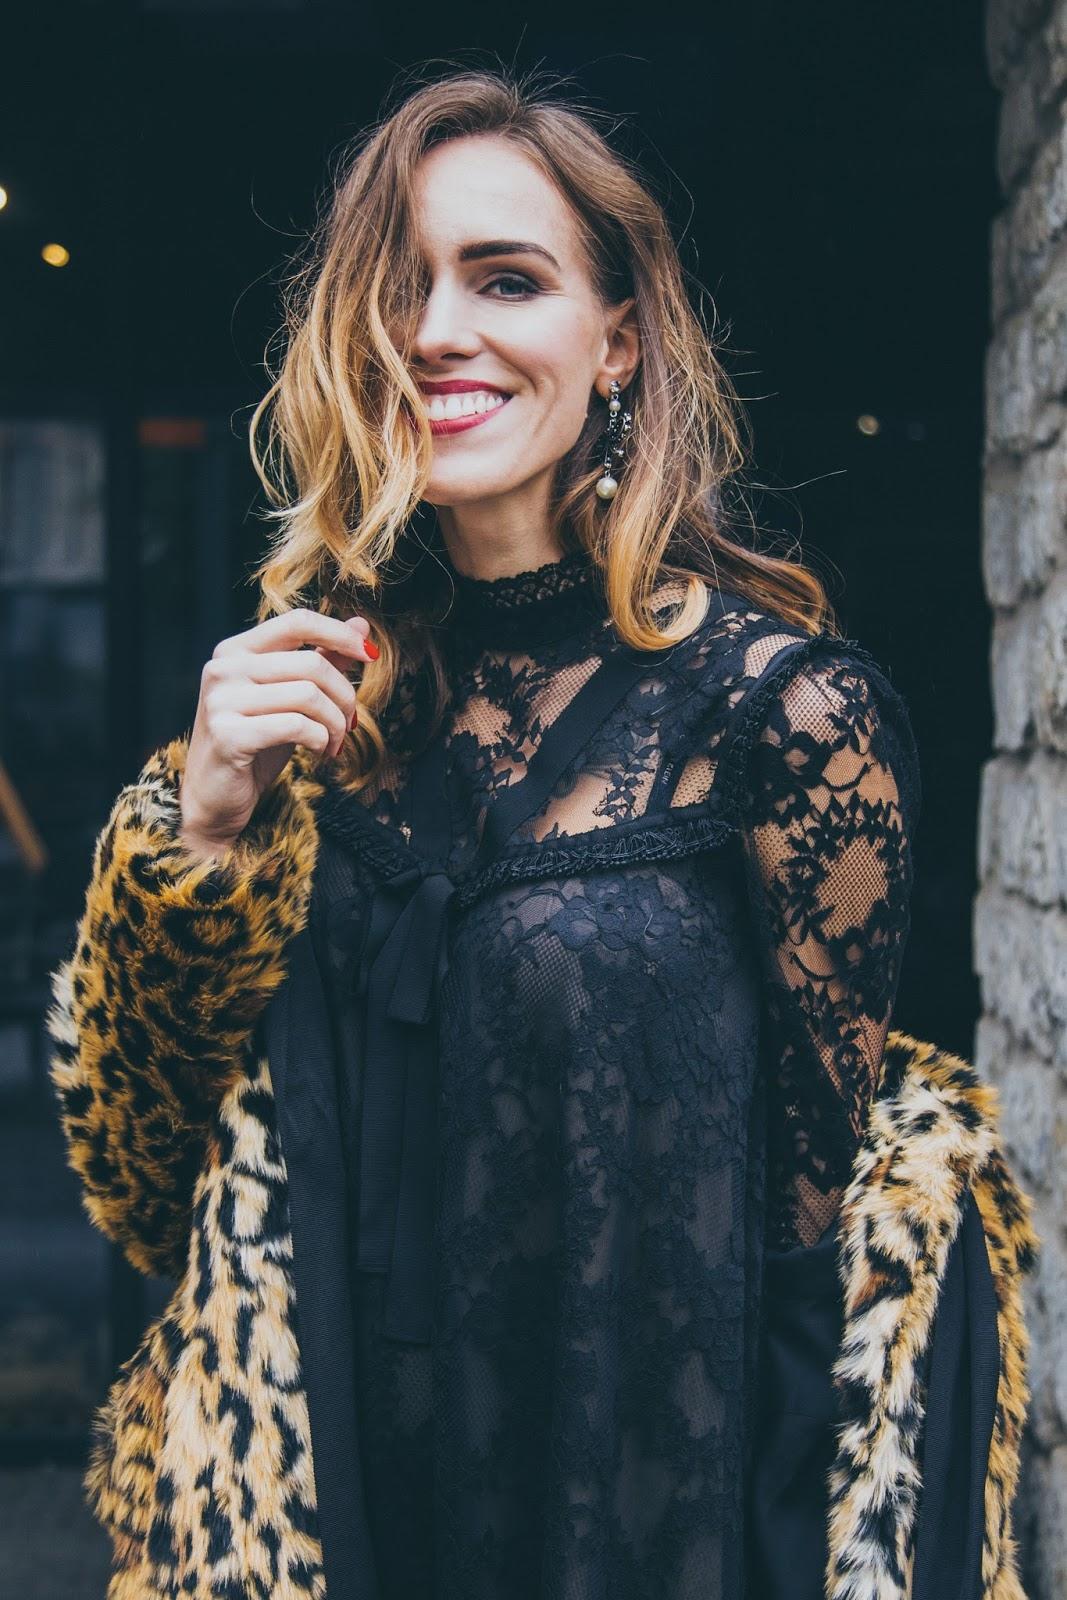 erdem x hm collaboration collection leopard coat lace dress